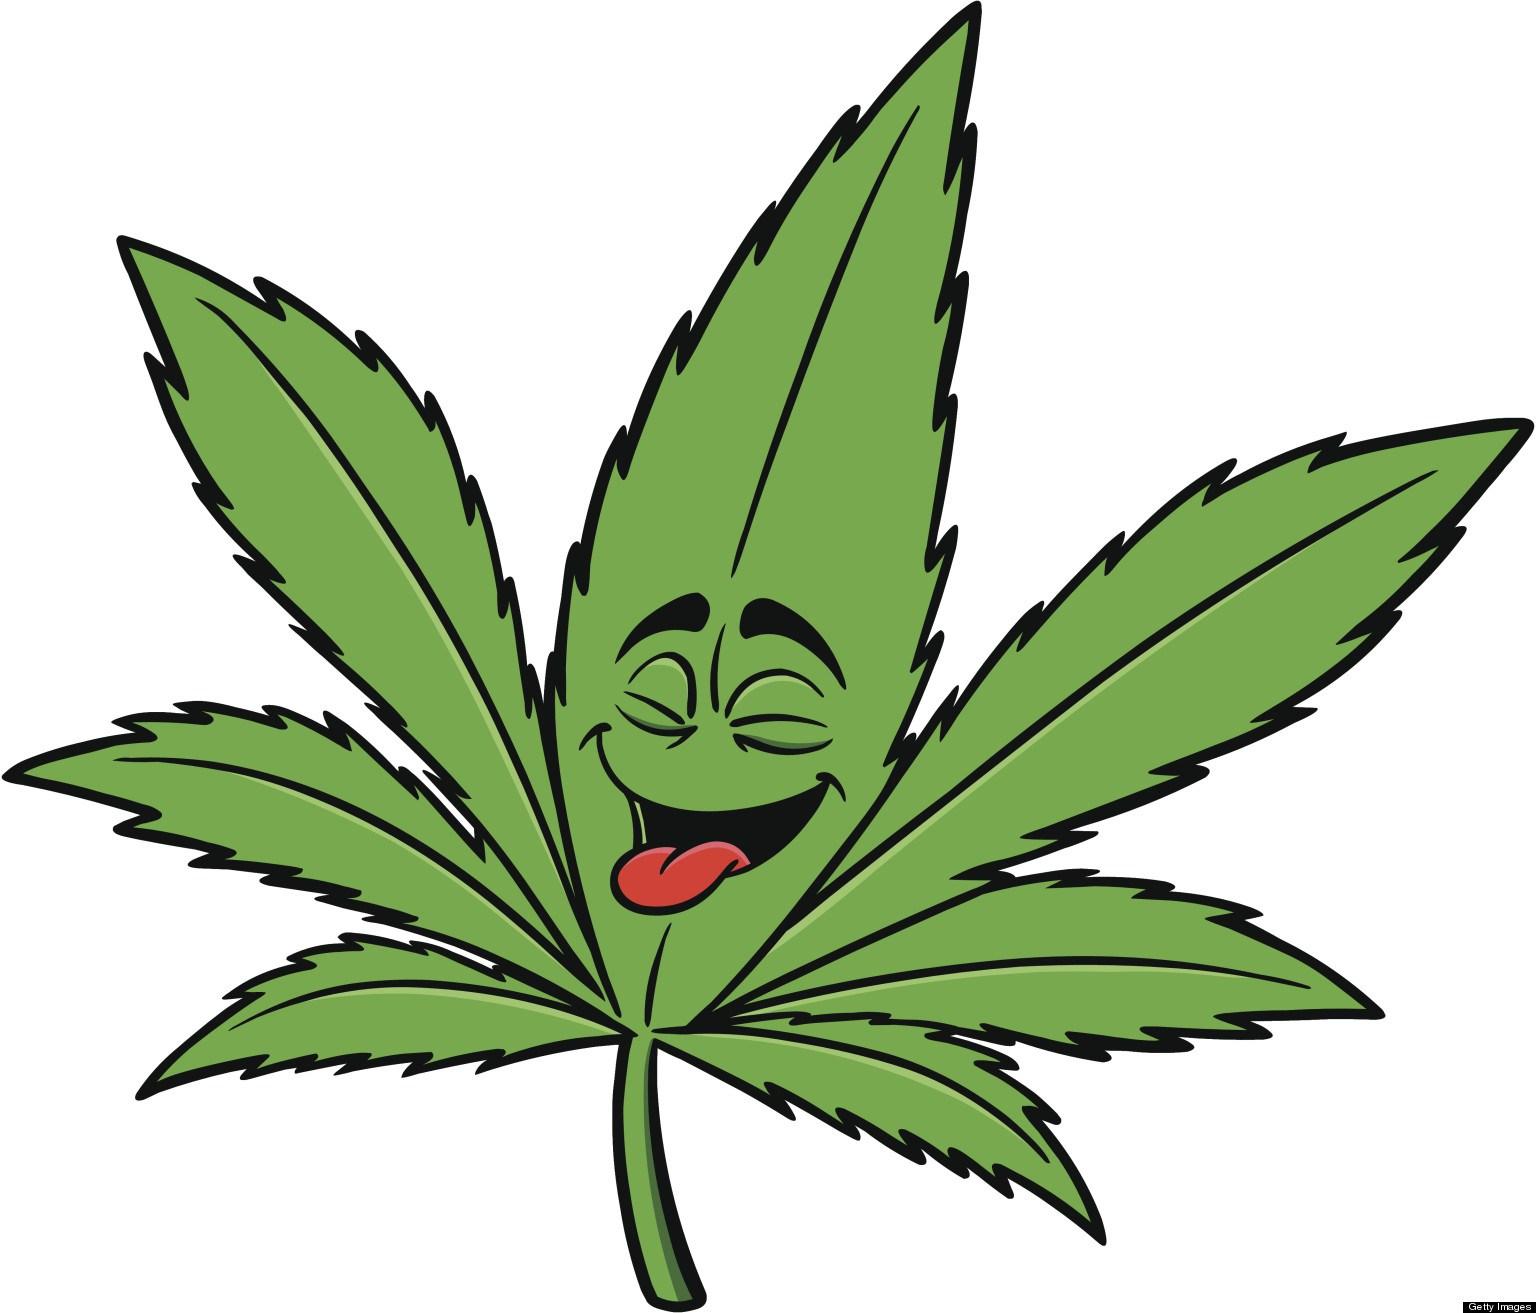 Top Marijuana Pot Leaf Clip Art Images f-Top Marijuana Pot Leaf Clip Art Images for Pinterest-6